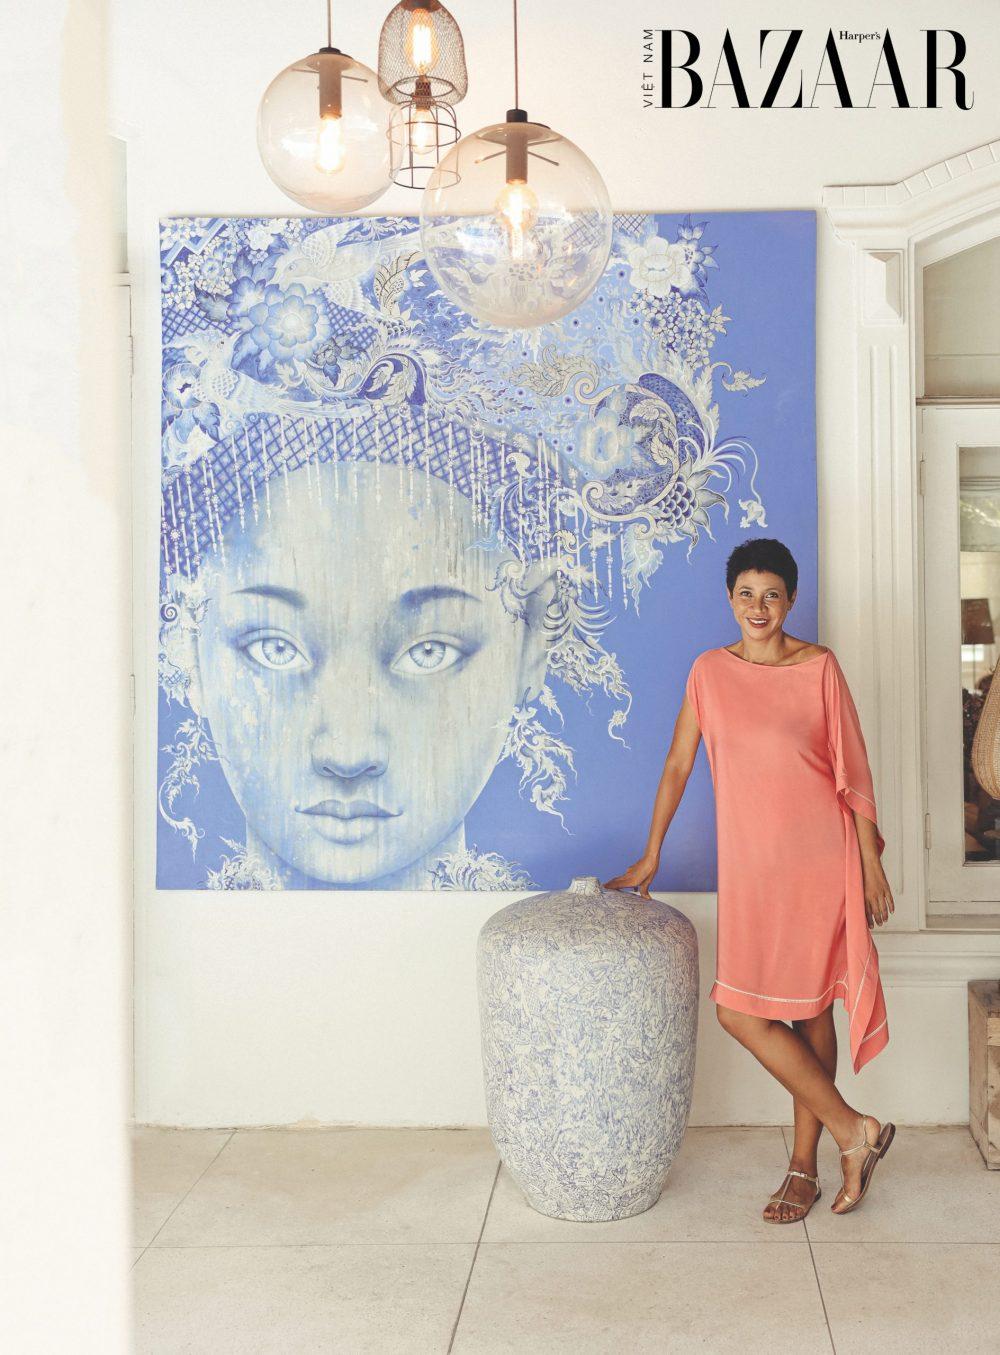 Marielle sinh ra ở Madagascar. Cô gái đảo quốc châu Phi chuyển đến Pháp sinh sống từ năm 17 tuổi. Năm 2006, chị cùng gia đình đến Việt Nam. Là người đầy sức sống và yêu sáng tạo, 2 Mariella đã tự thiết kế lại khuôn viên sống rộng gần 1.000m mà chưa từng học qua lớp kiến trúc nào.